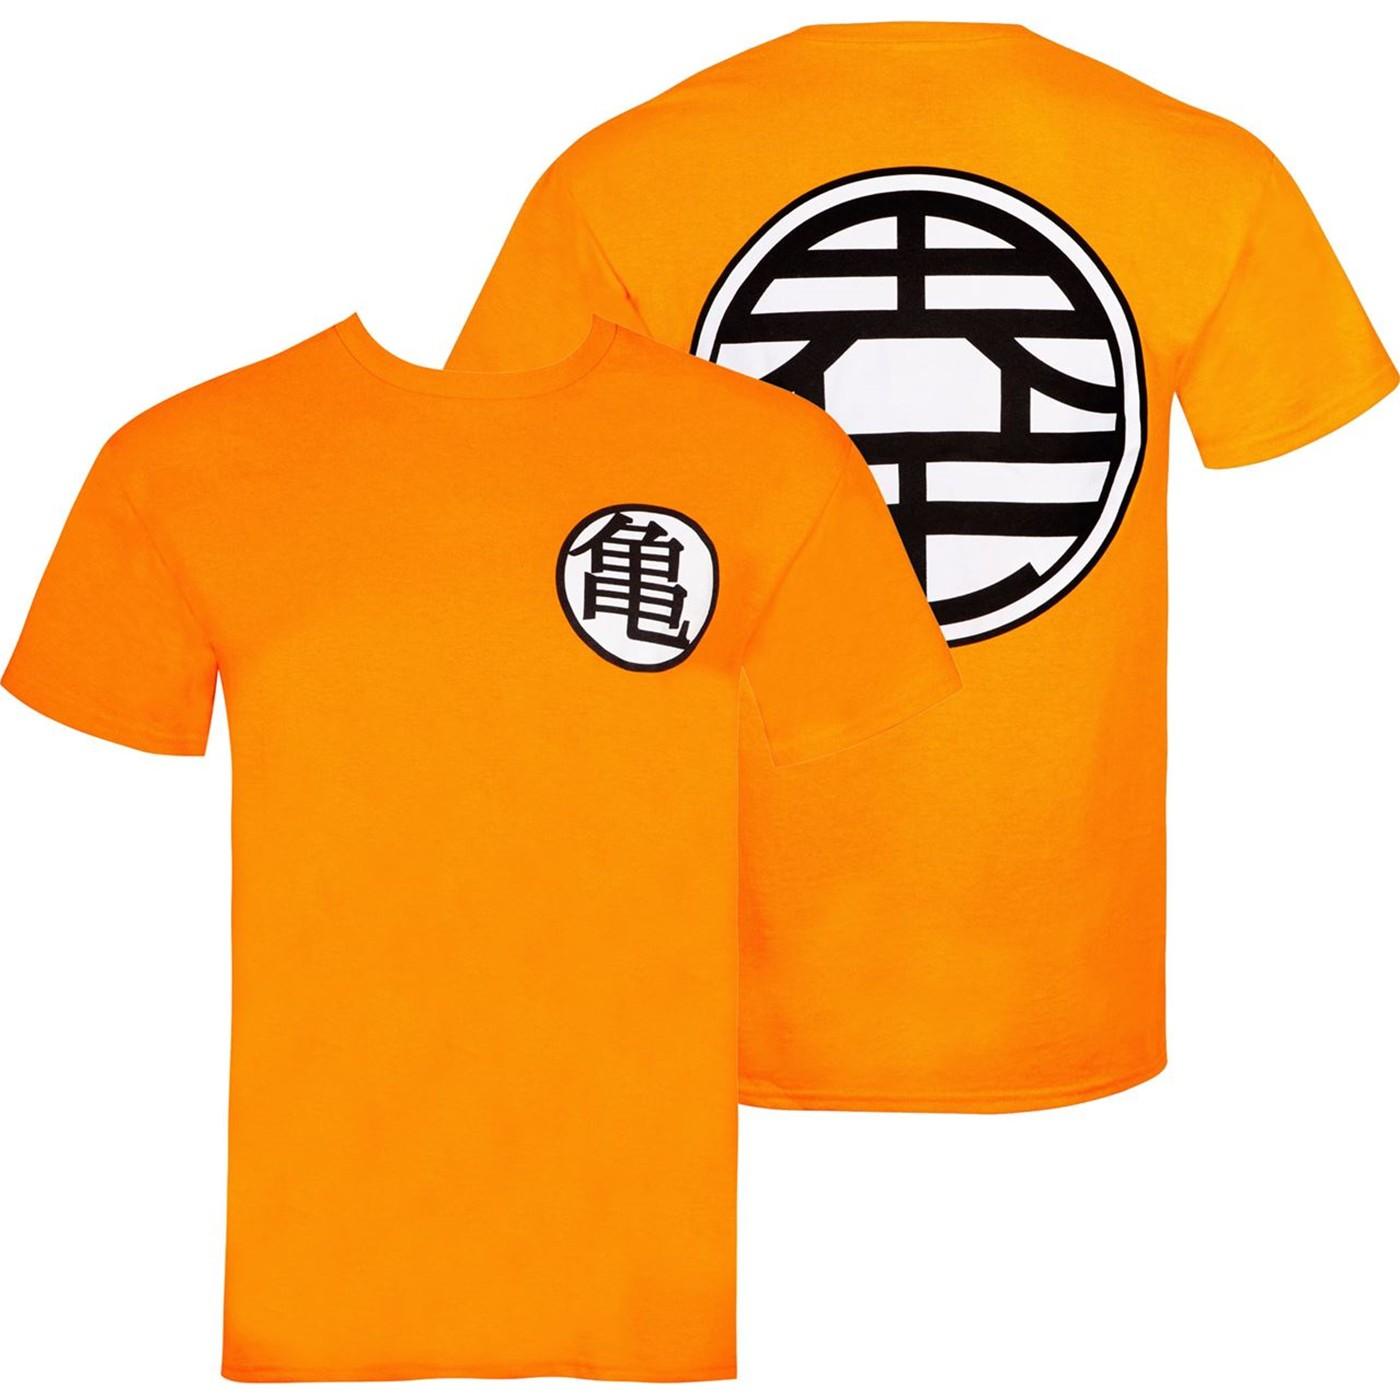 Dragon Ball Z Kame Symbol Men's T-Shirt